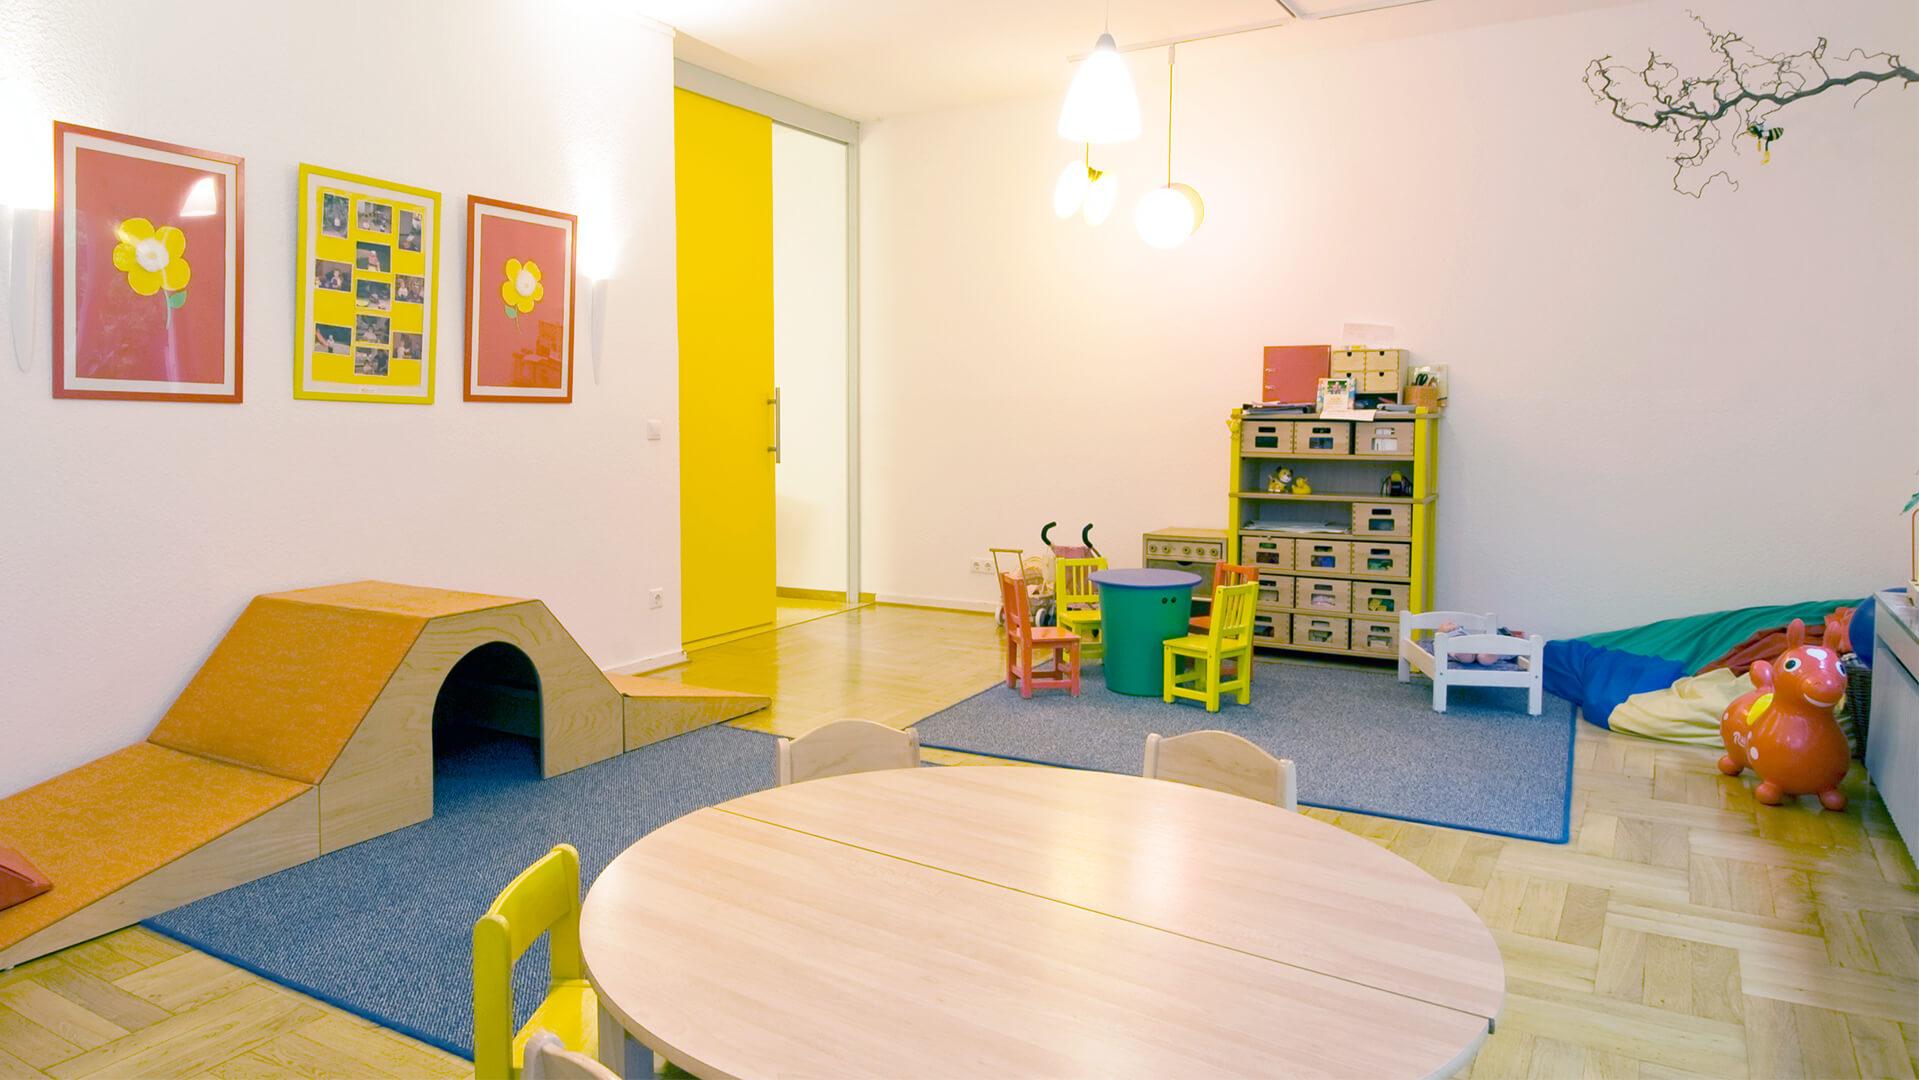 Gruppenraum der Kindertagesstätte mit runden Tischen, Spiele-Regal und Kuschelecke